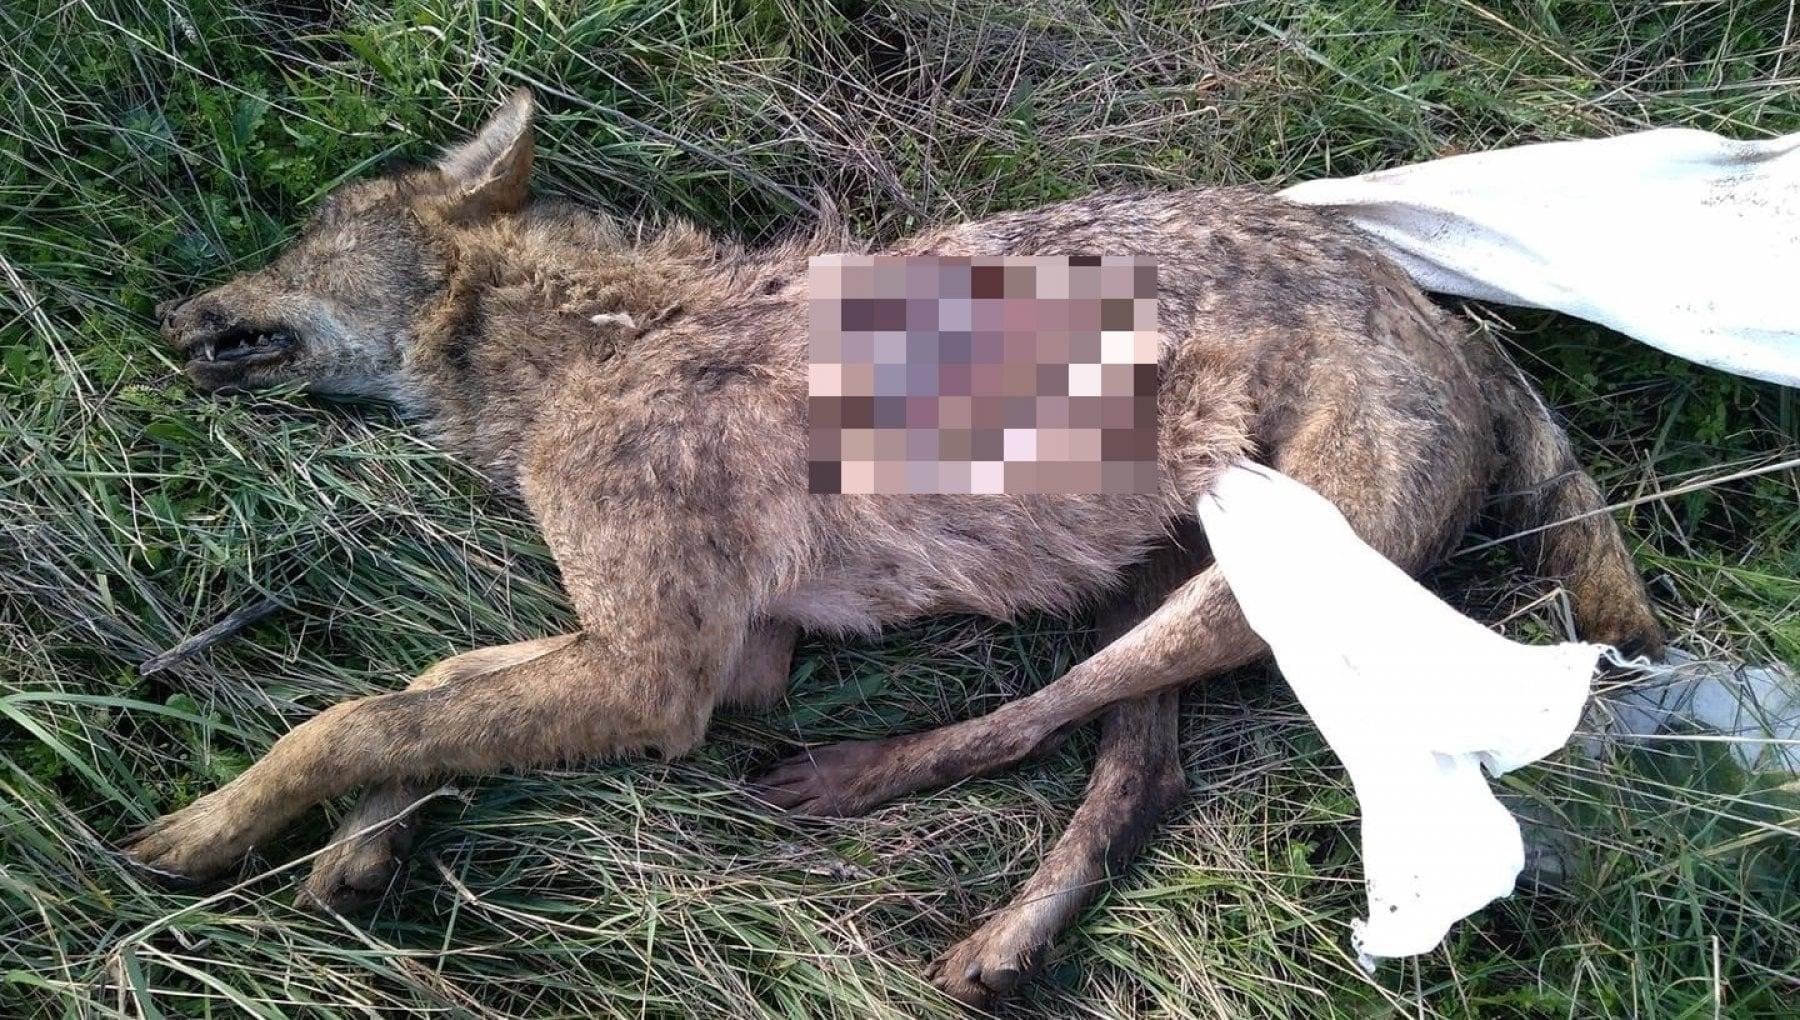 Lupo inseguito e ucciso nel parco naturale Uno scempio. Era appena stato avviato censimento